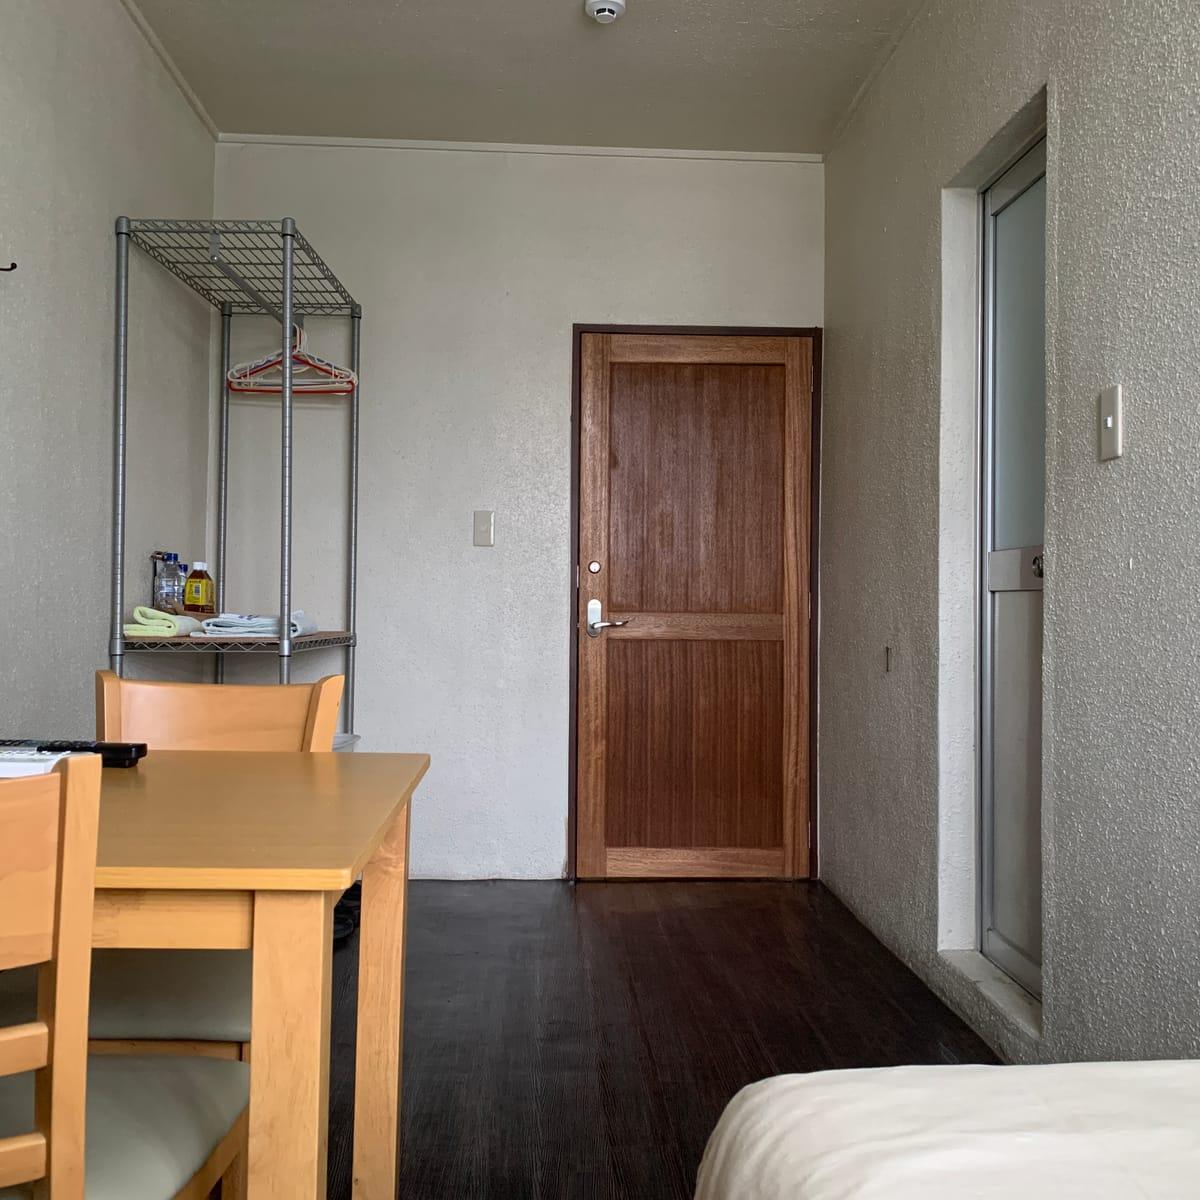 ゲストハウス マリンノート / 遠くに海が見える部屋(ダブル)プラン